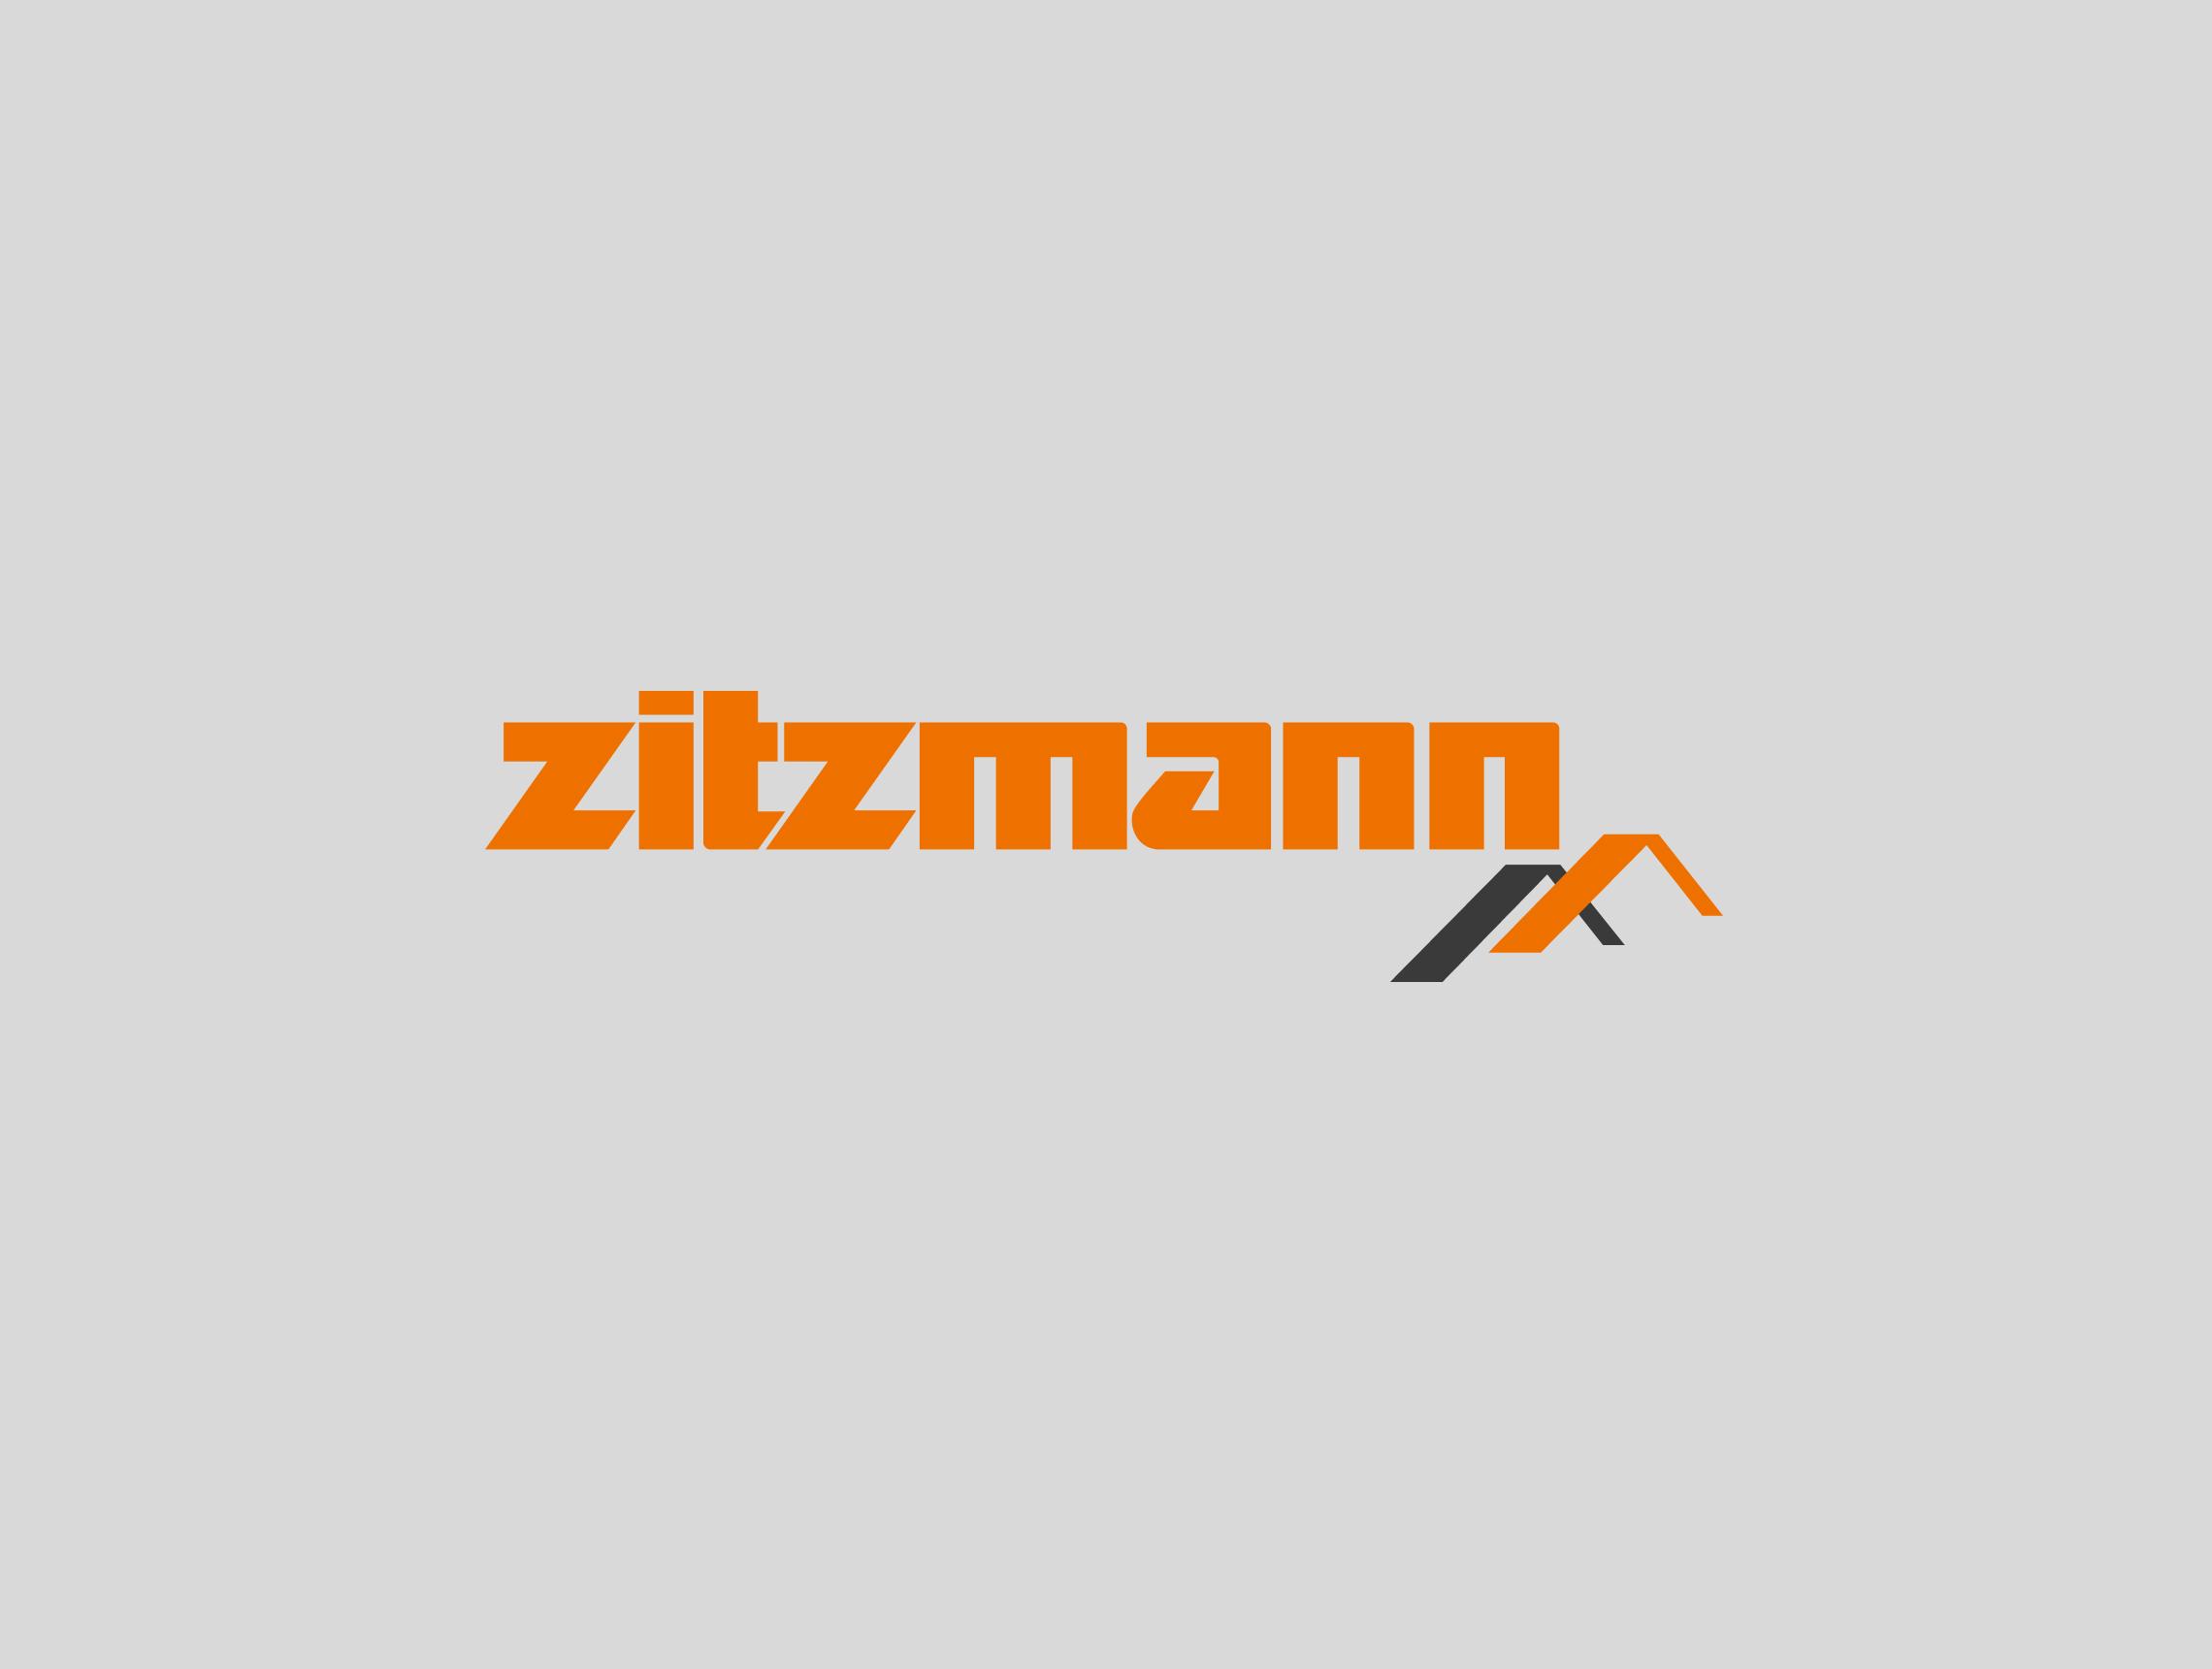 zitzmann_02